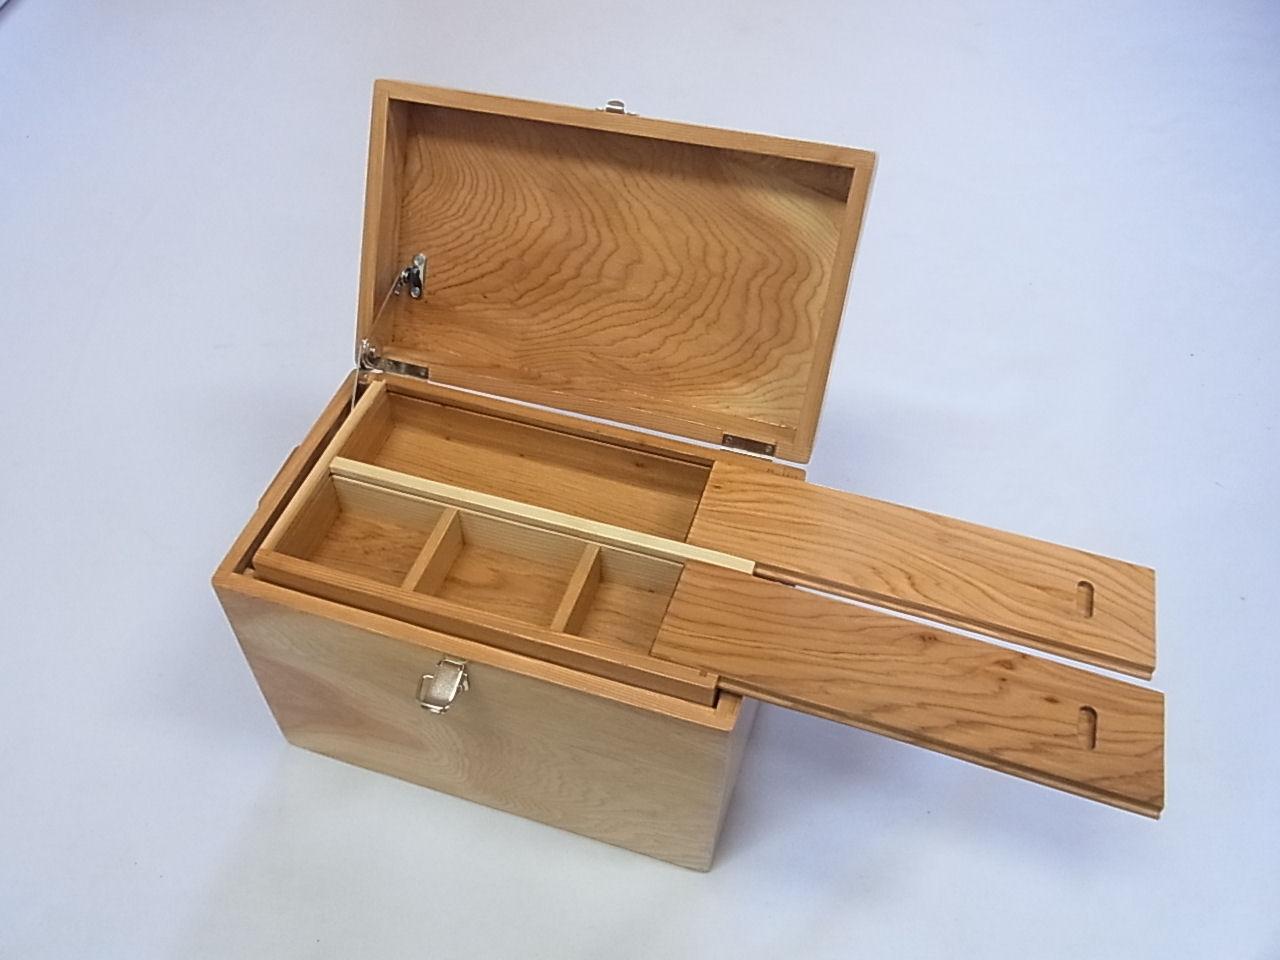 画像2: 感謝価格 35%引き! 国産杉材使用 合切箱 鏡面仕上げ なかごスライド開閉  ベルト付き